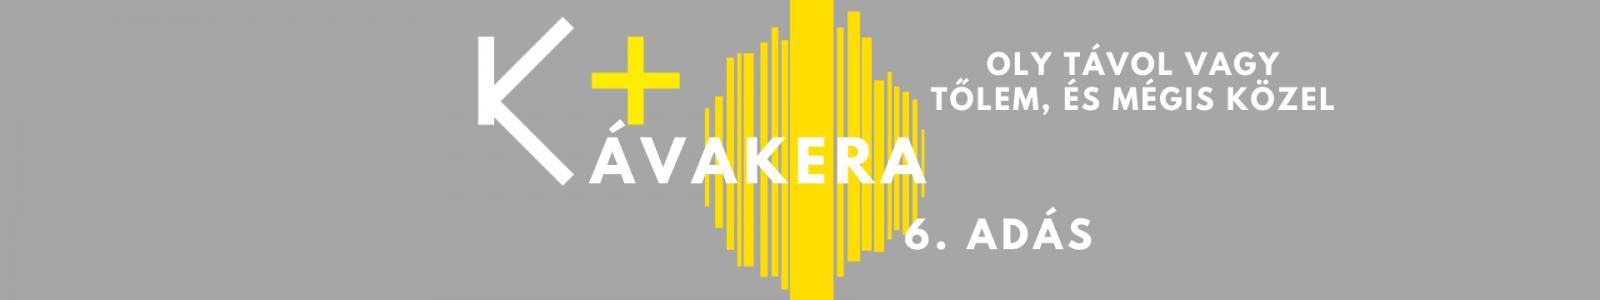 kavakera_6_honlap borító 1920x400